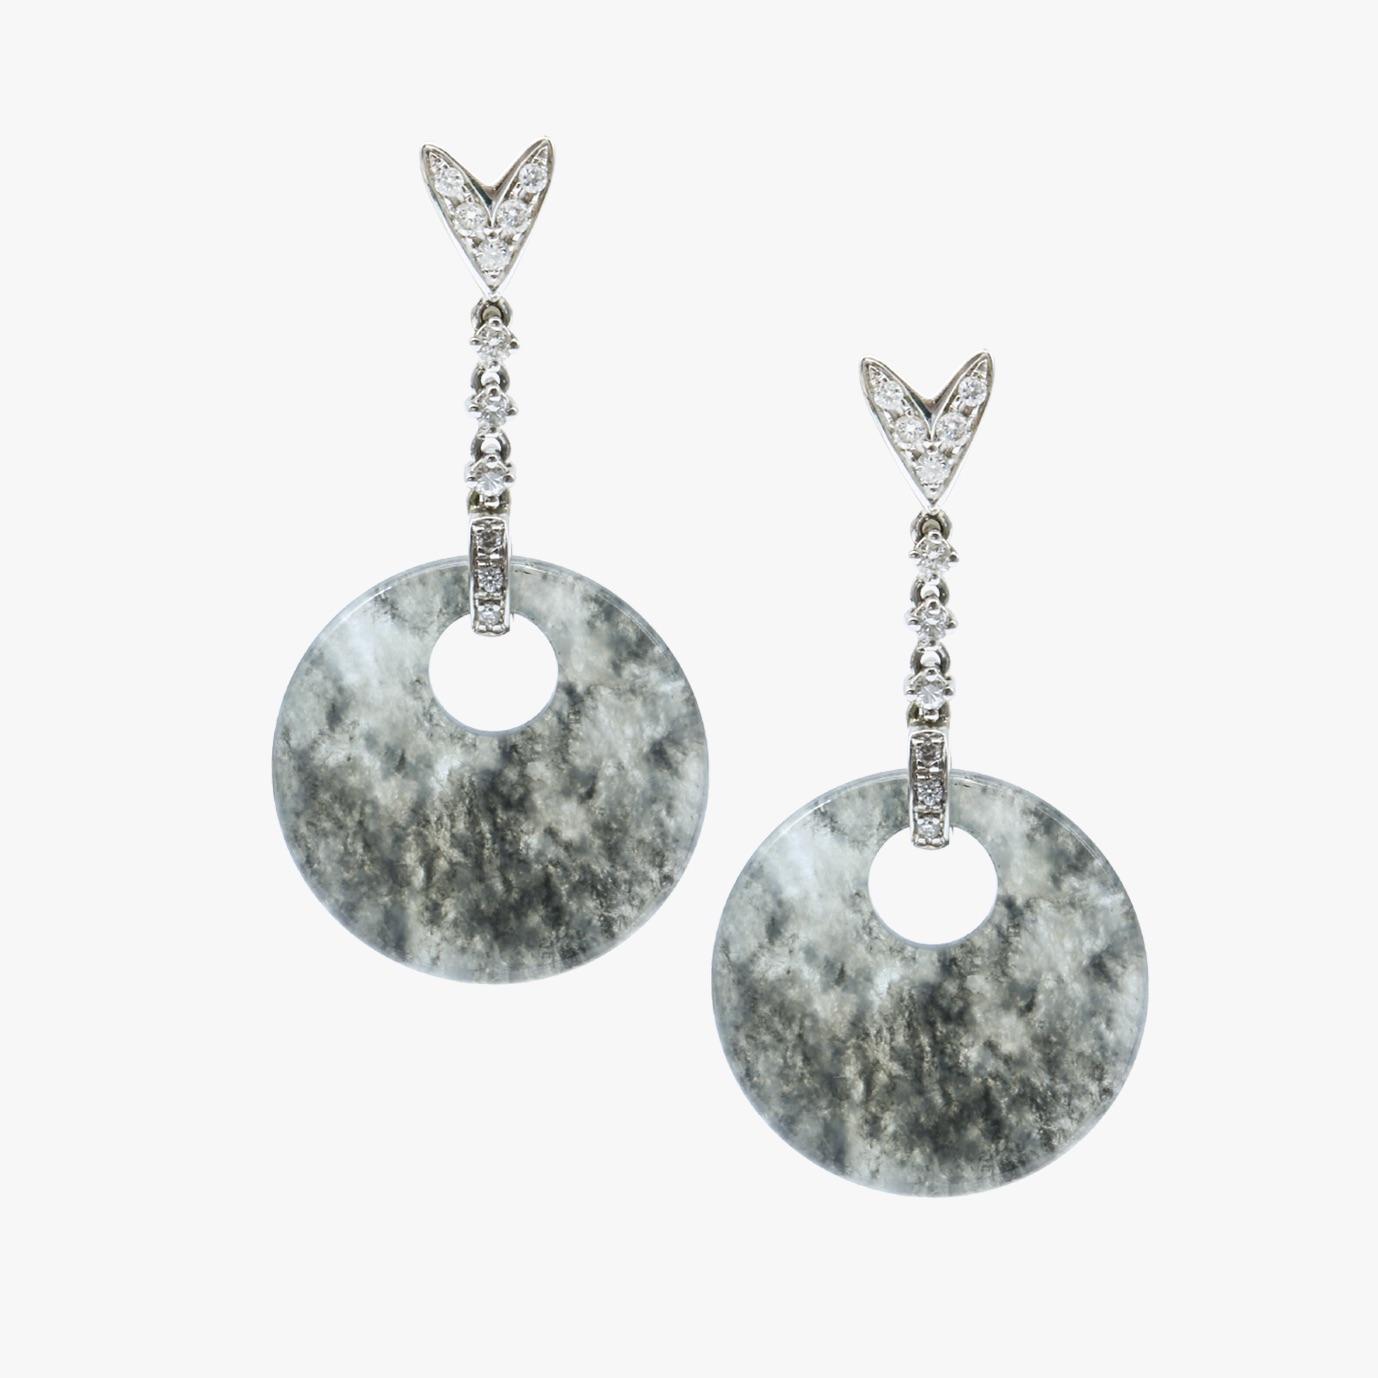 Translucent Black Round Shape Jadeite Jade Earrings